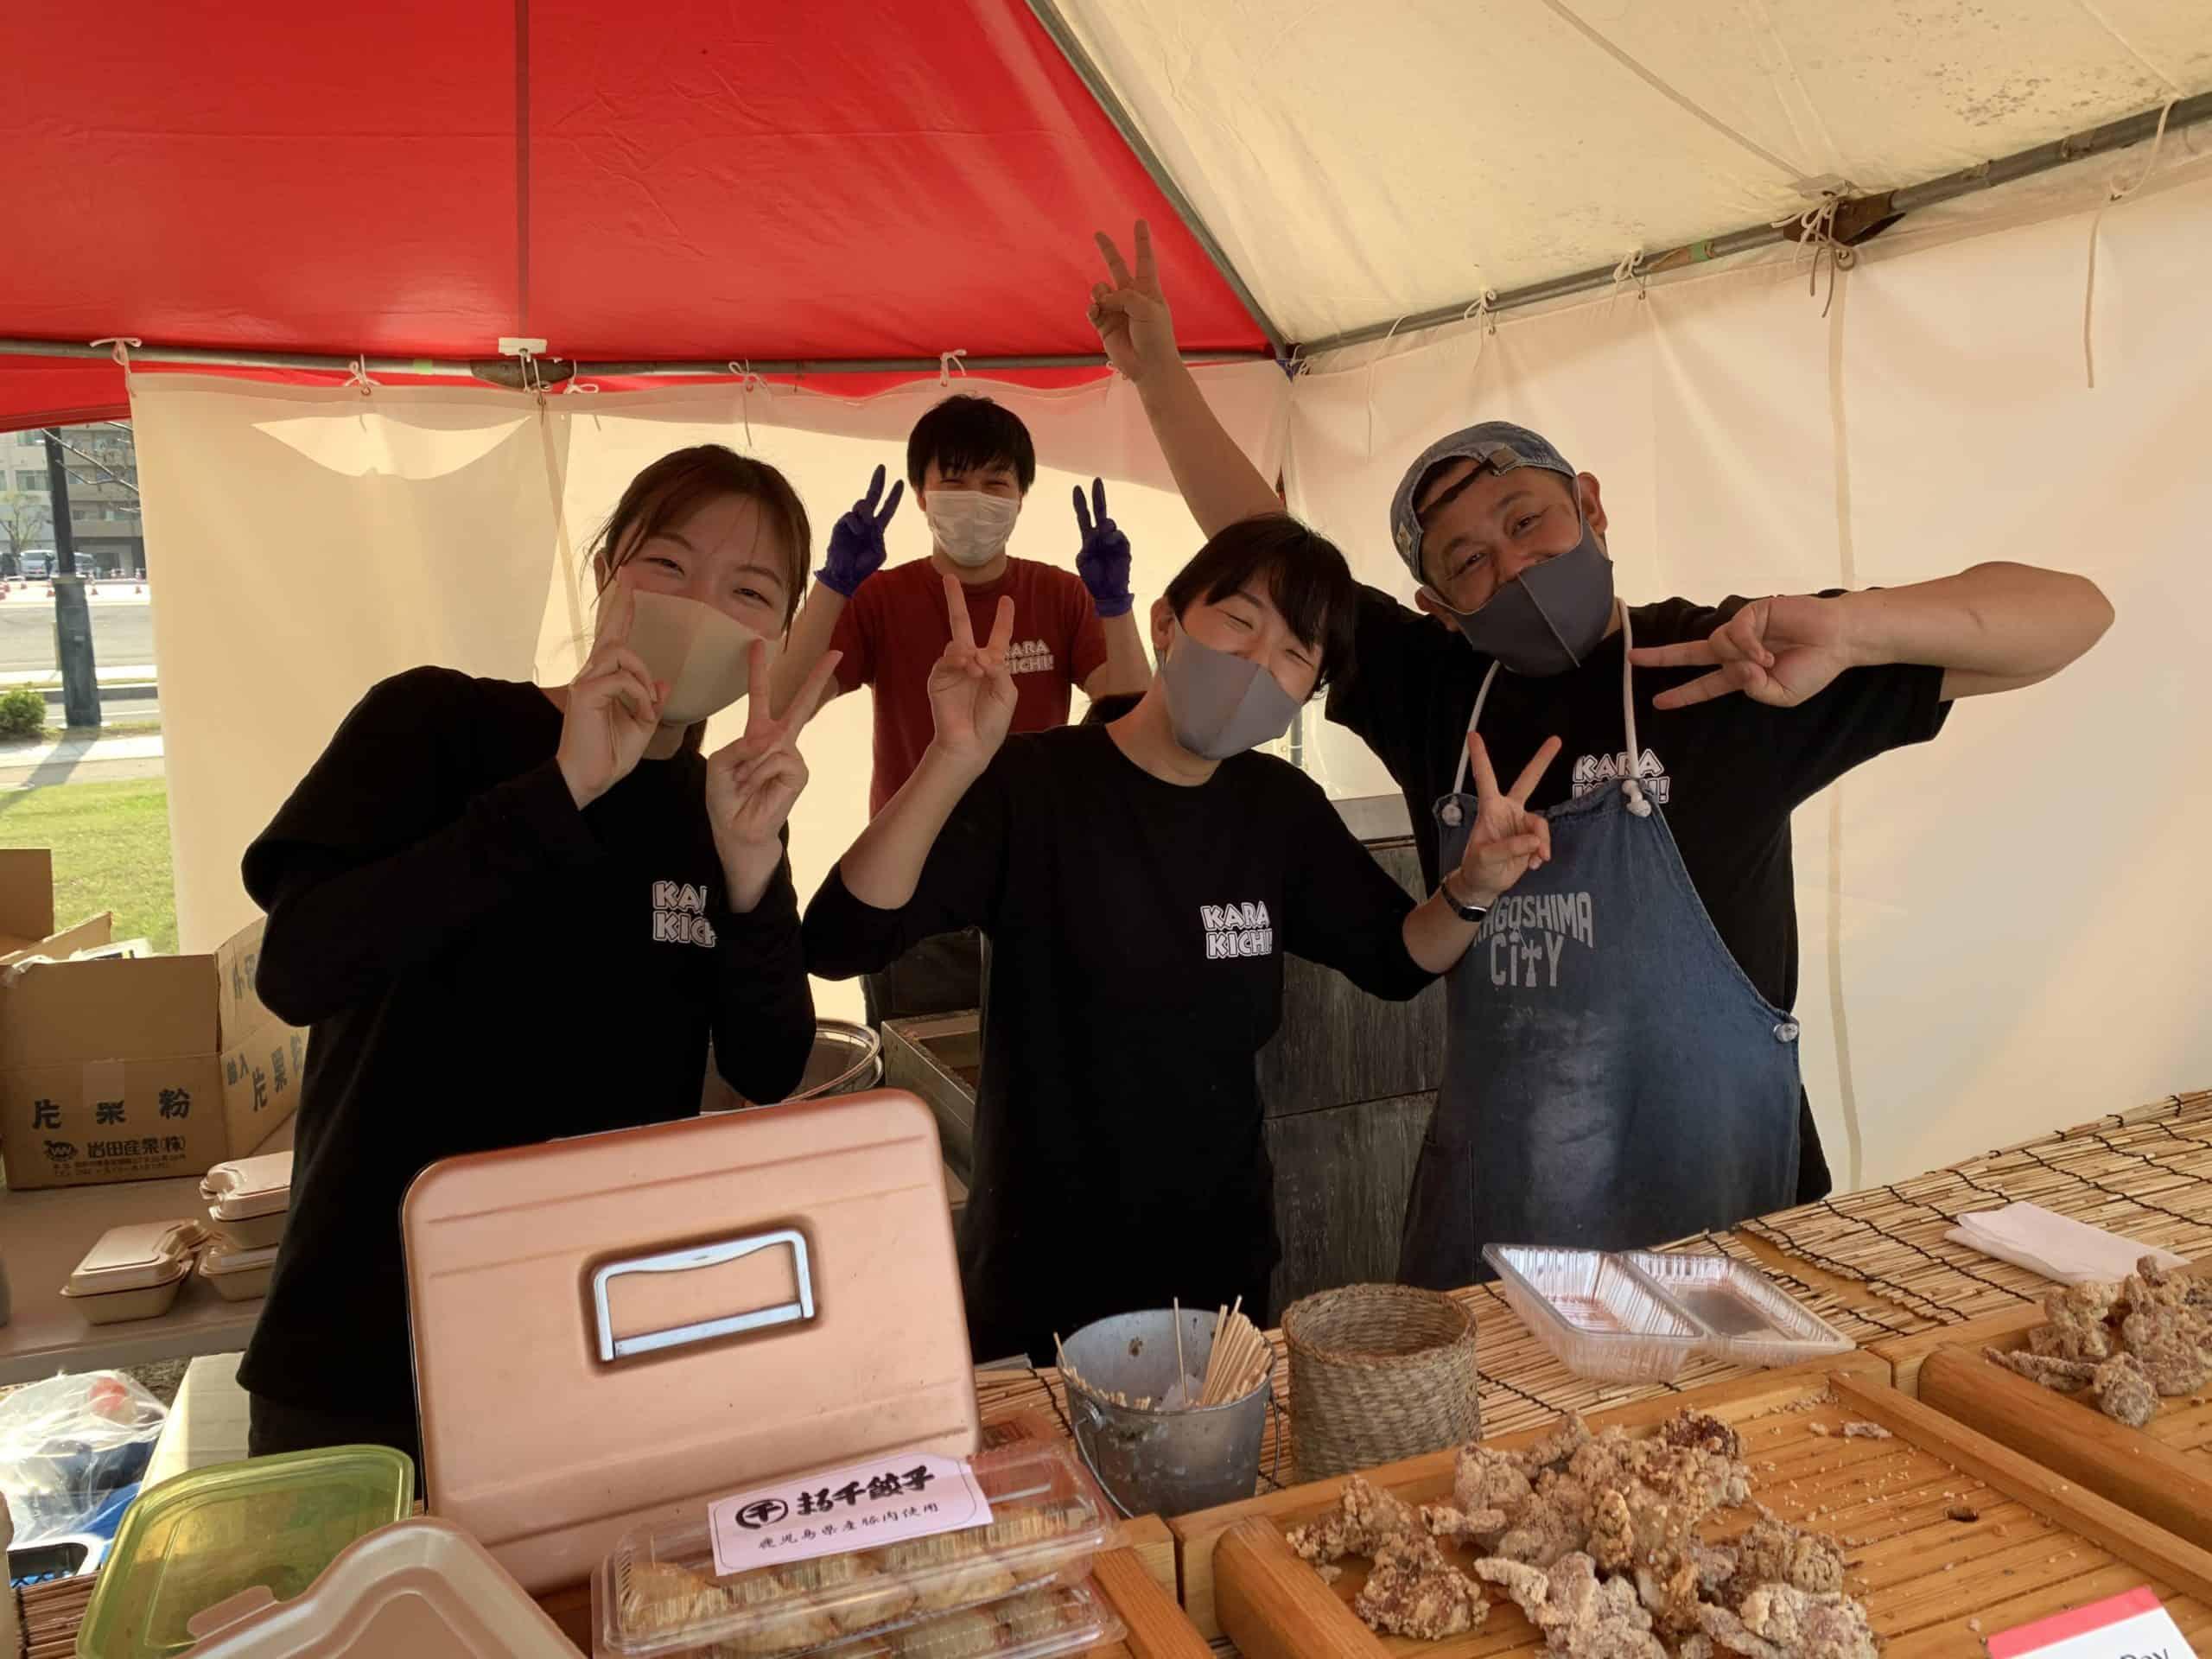 久々に食べ物系イベント「#かごしま県産品応援市」でウマいものをたらふく食べた。